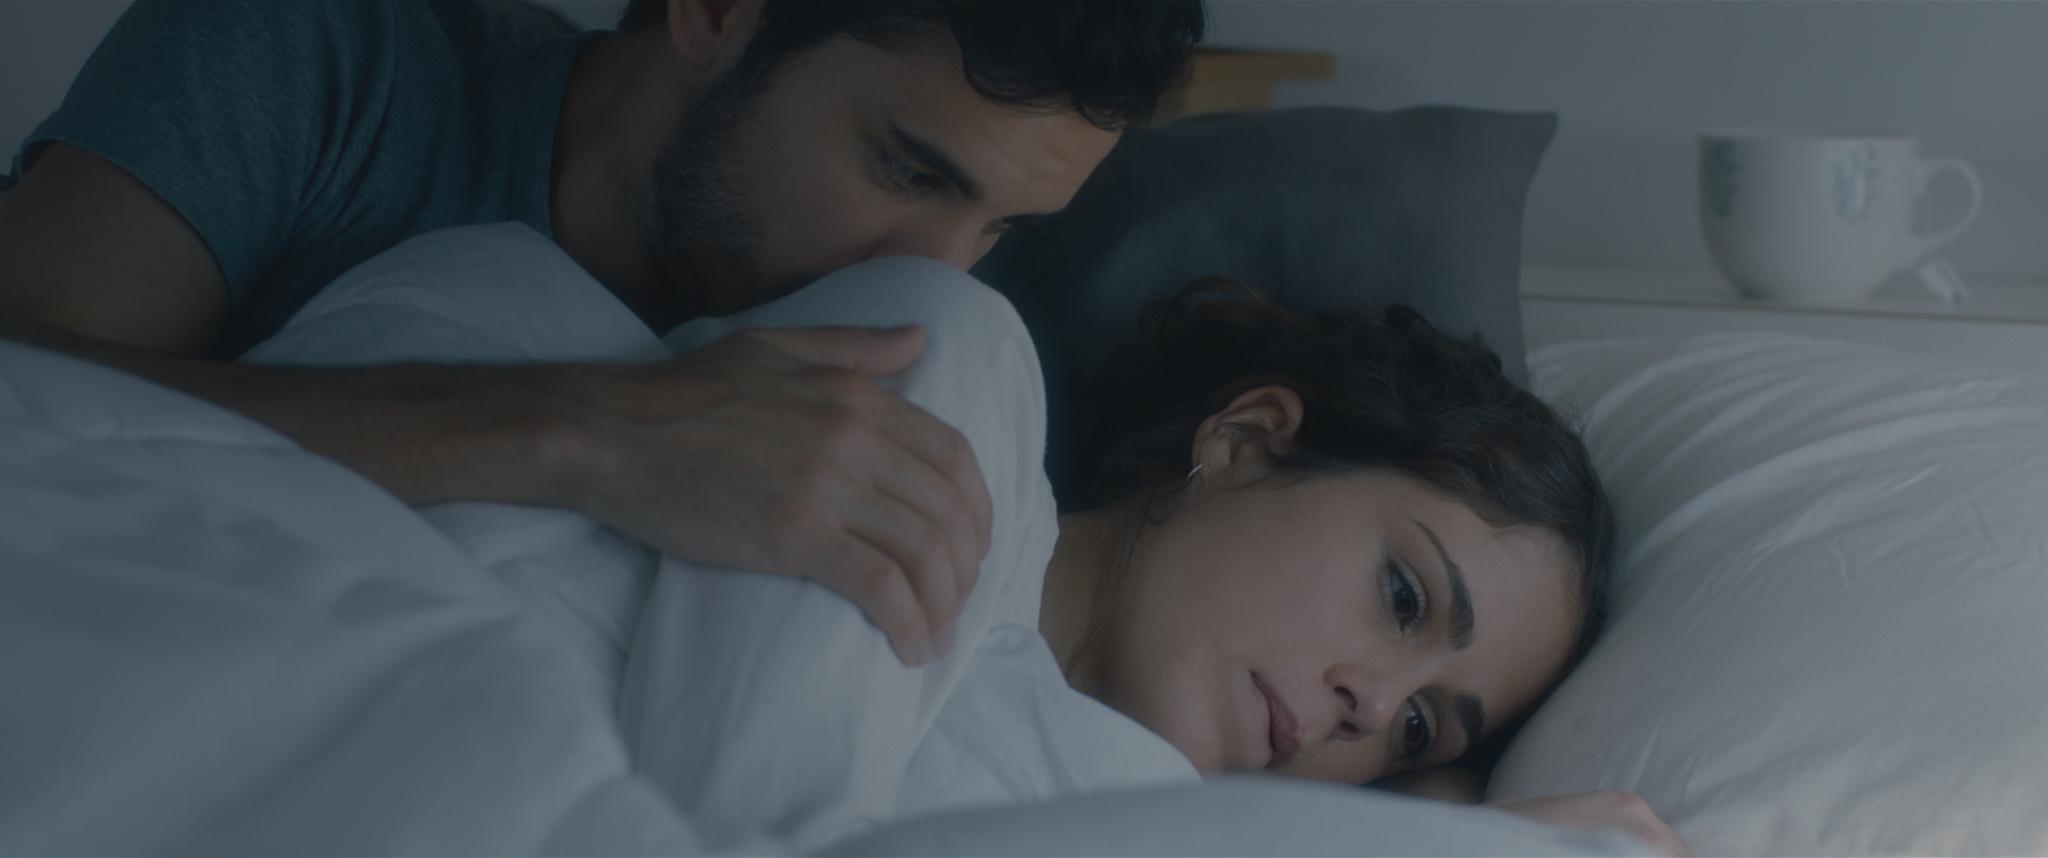 Antaviana_Films_Media_Noche